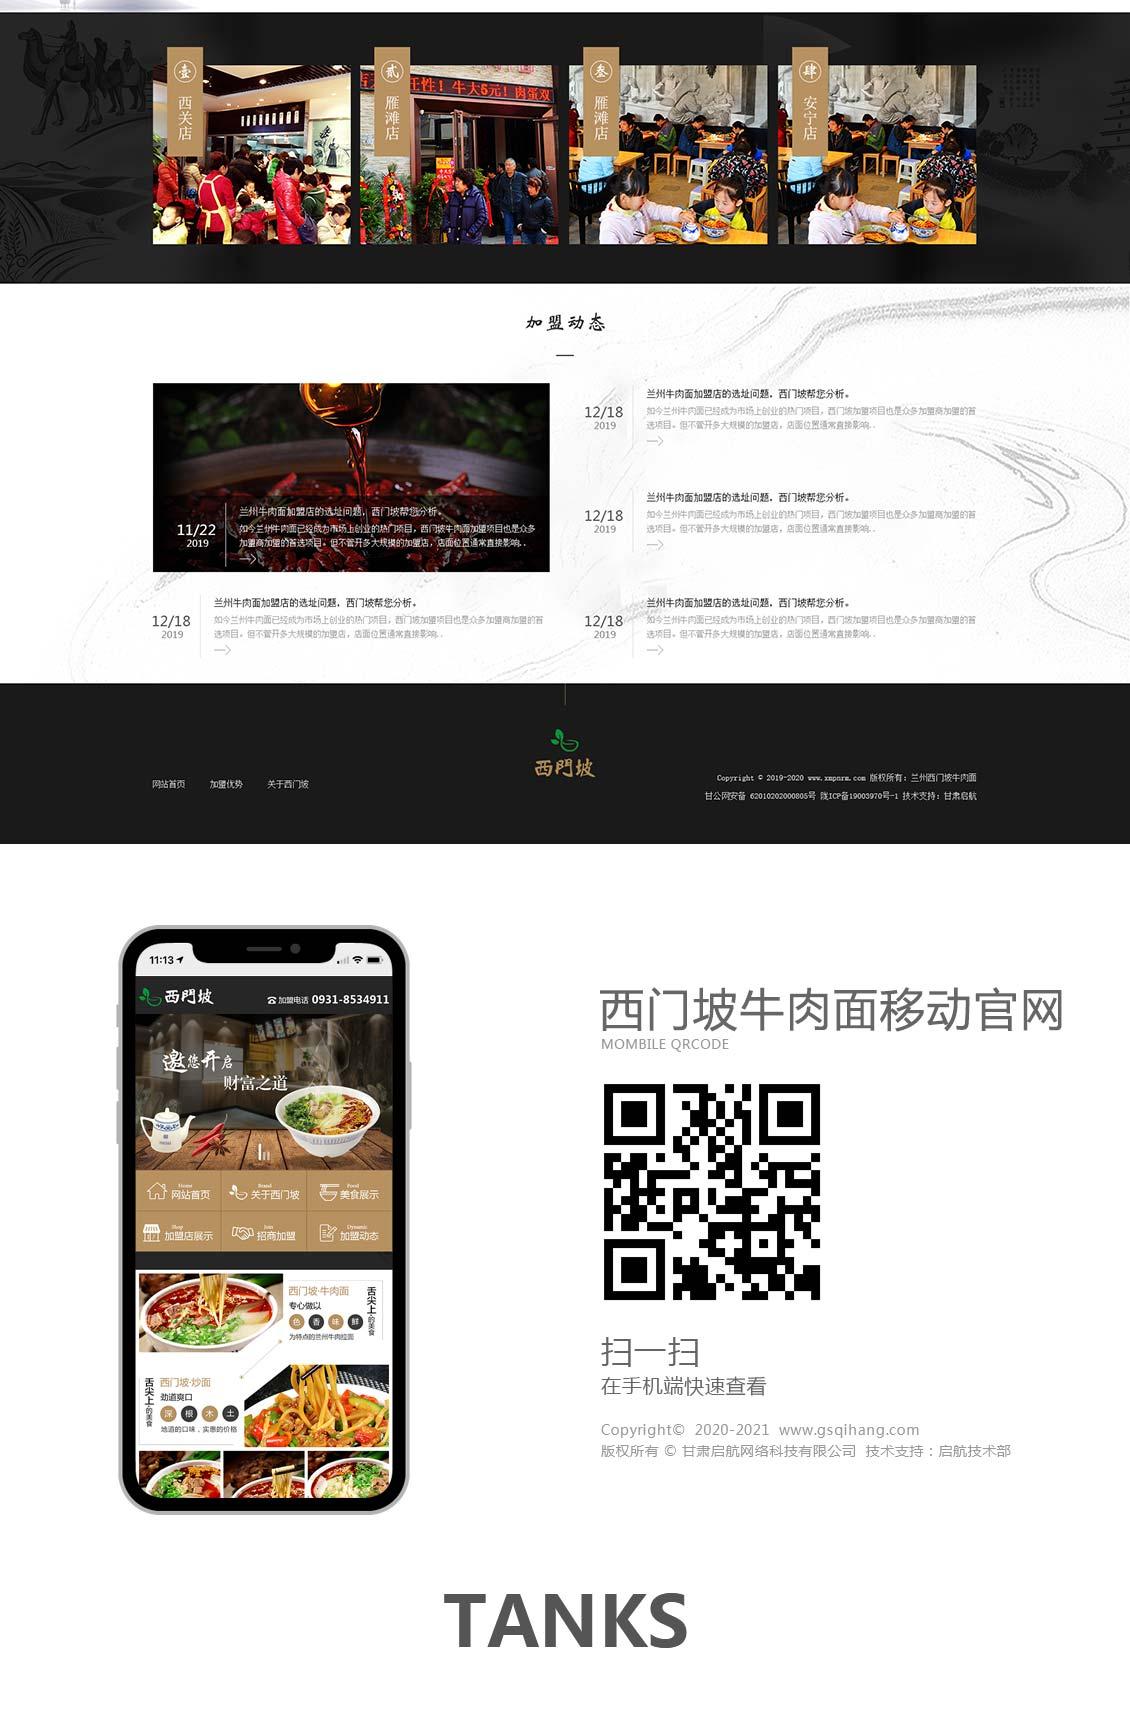 蘭州餐飲公司招商加盟網頁設計